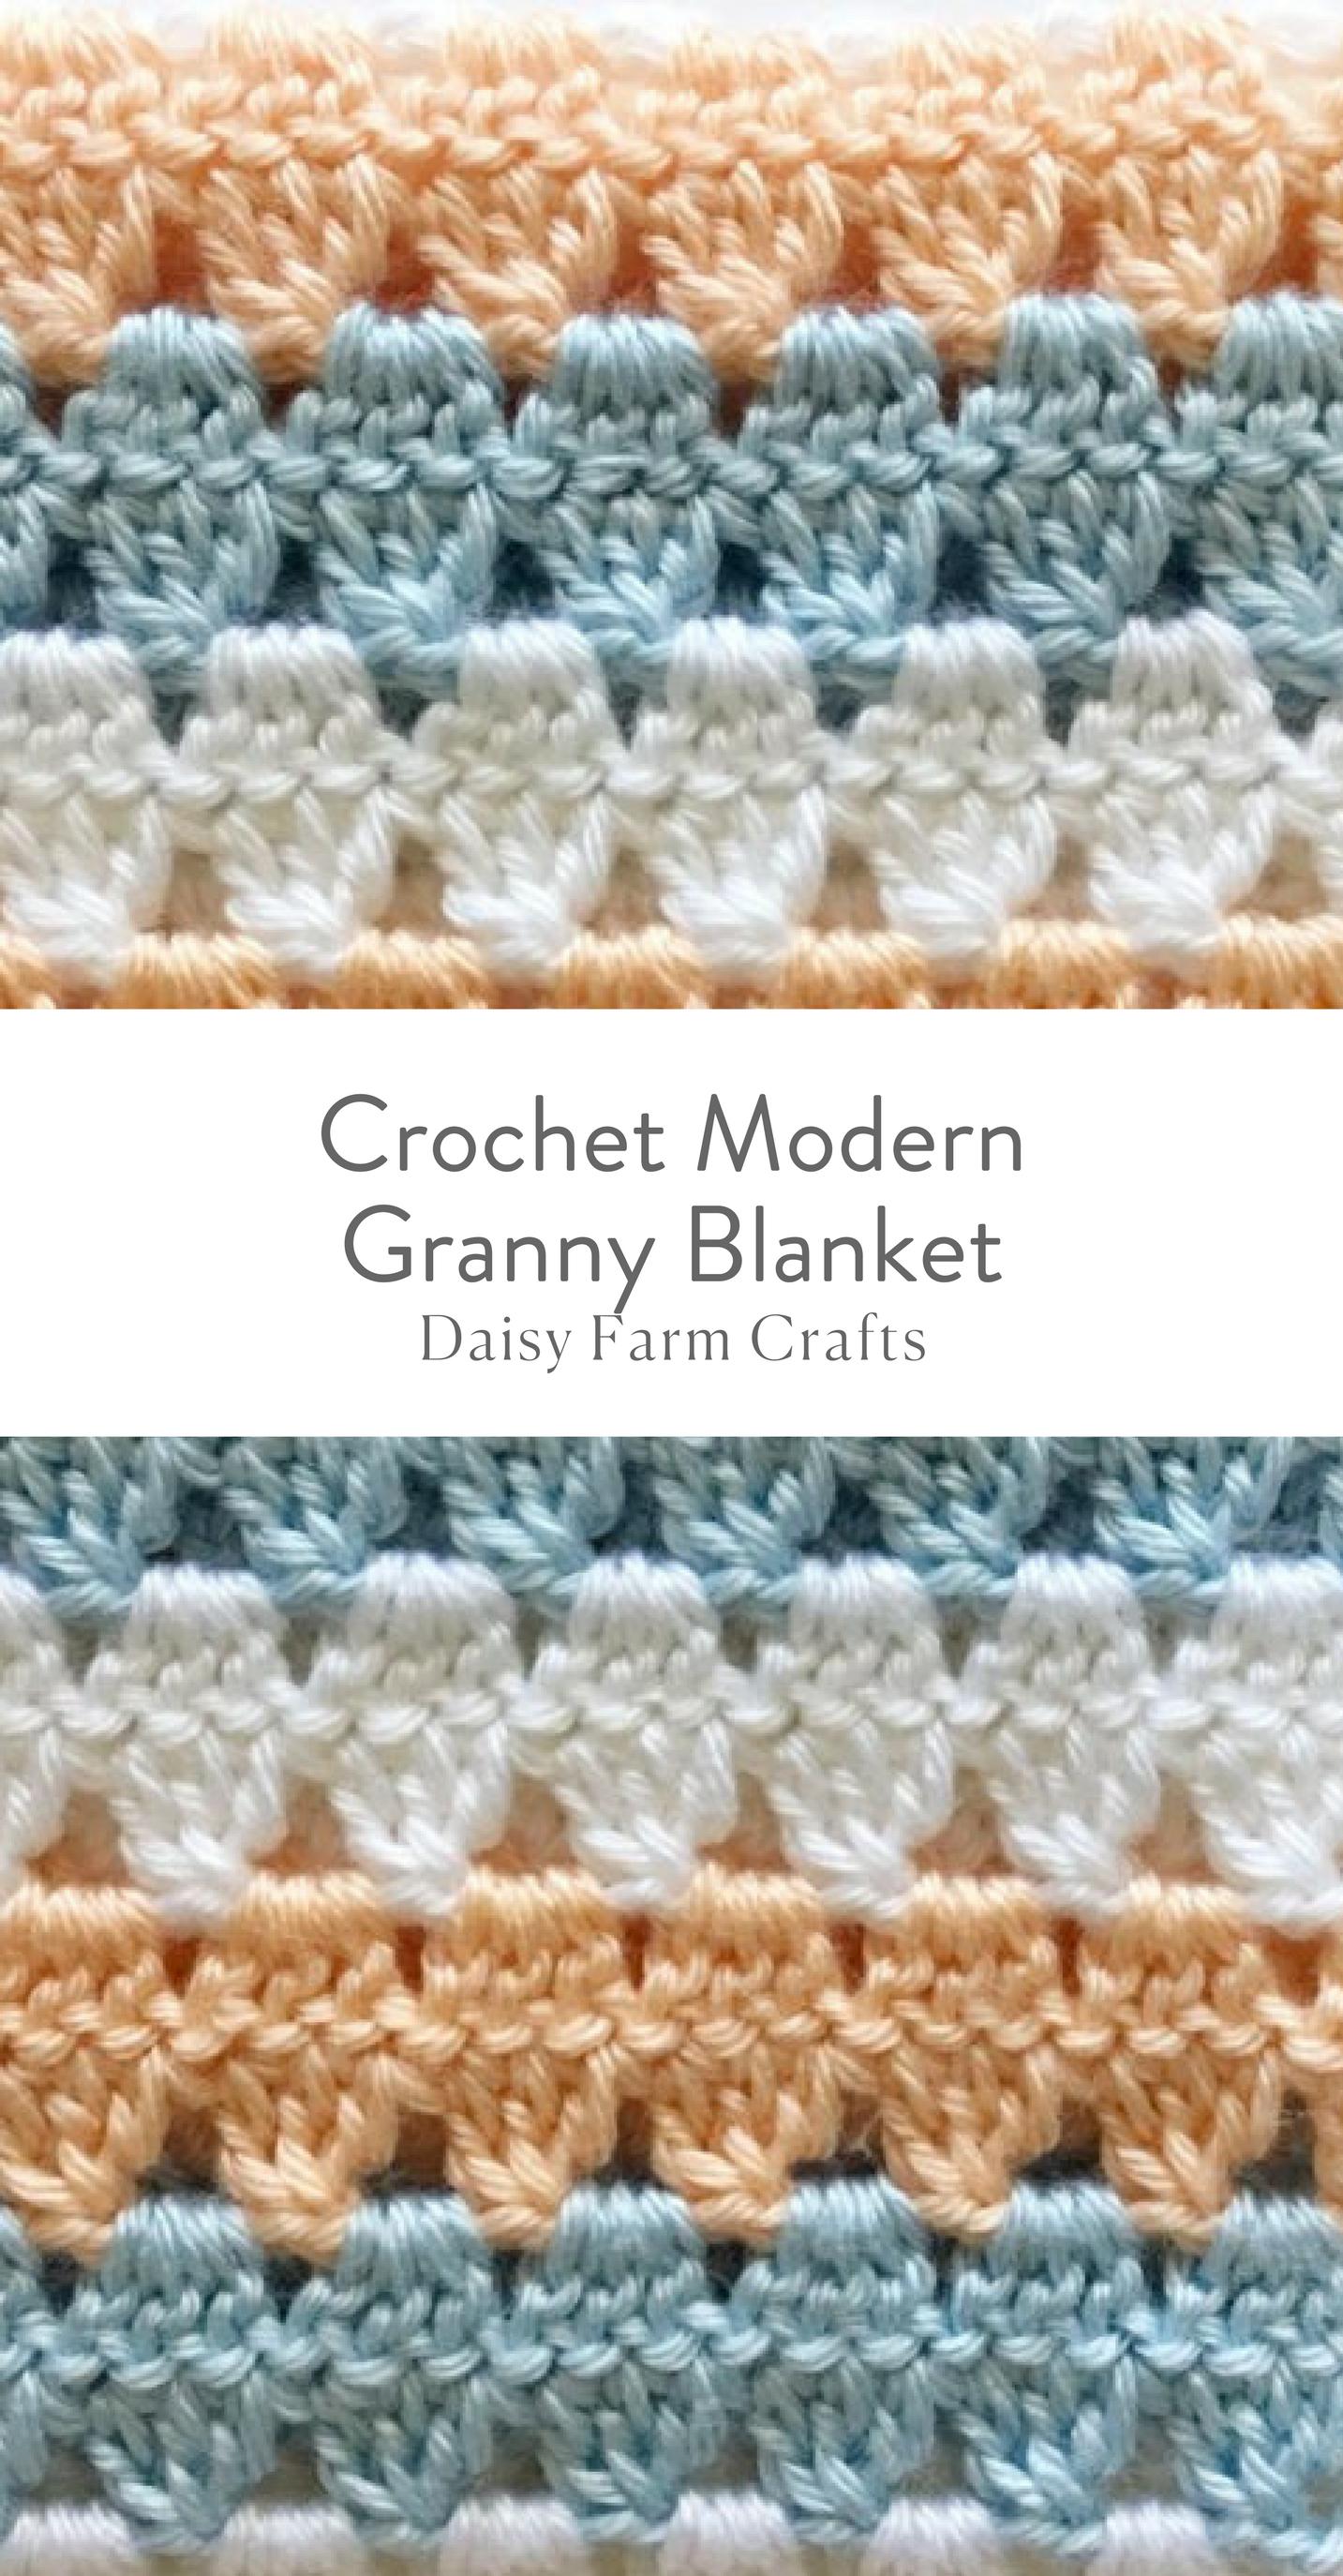 Free Pattern - Crochet Modern Granny Blanket | Knit Wits & Crochet ...